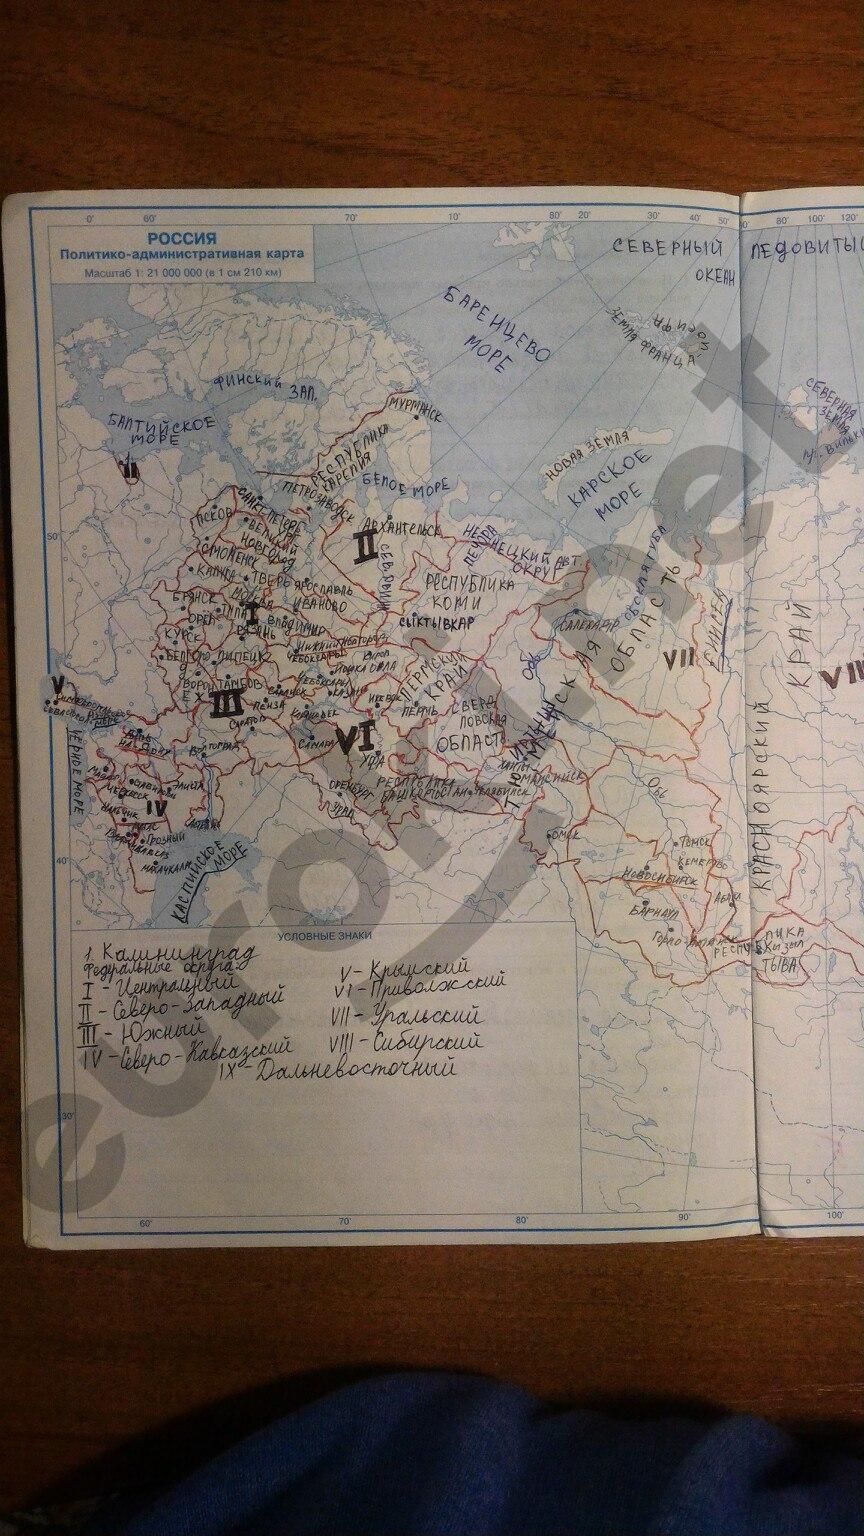 ГДЗ по географии 9 класс рабочая тетрадь Супрычев, Григоренко. Задание: стр. 4